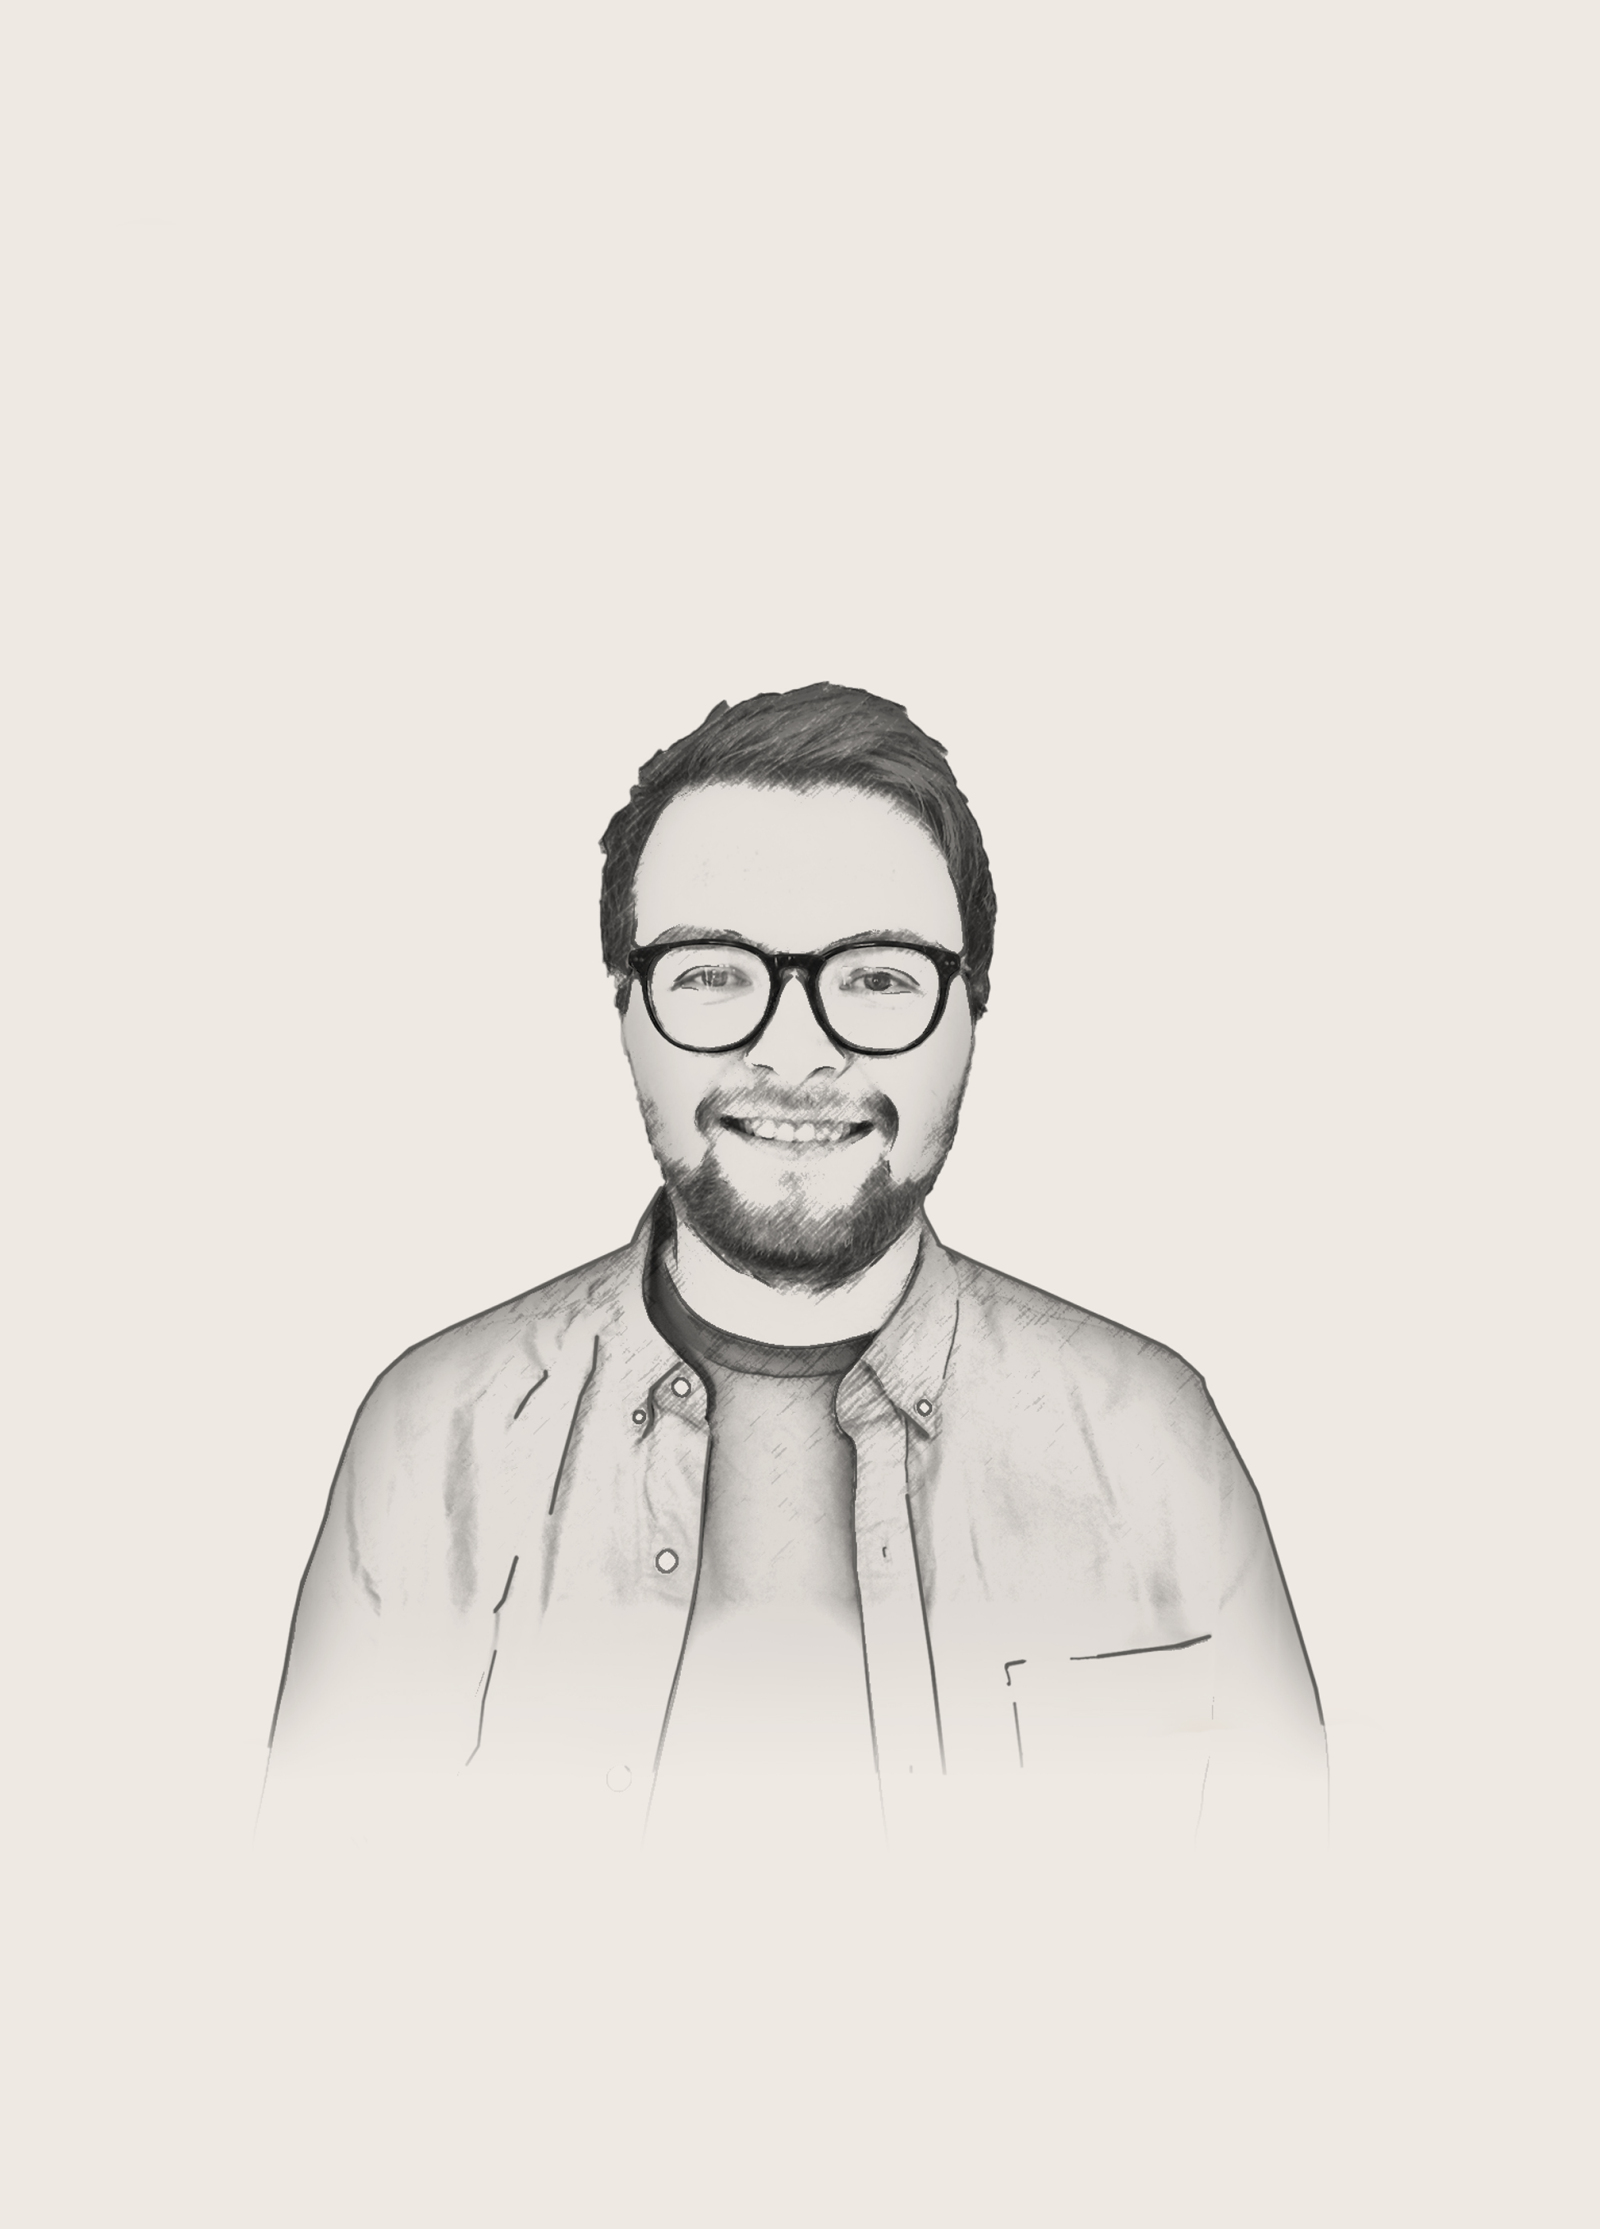 Declan_Sketch.jpg